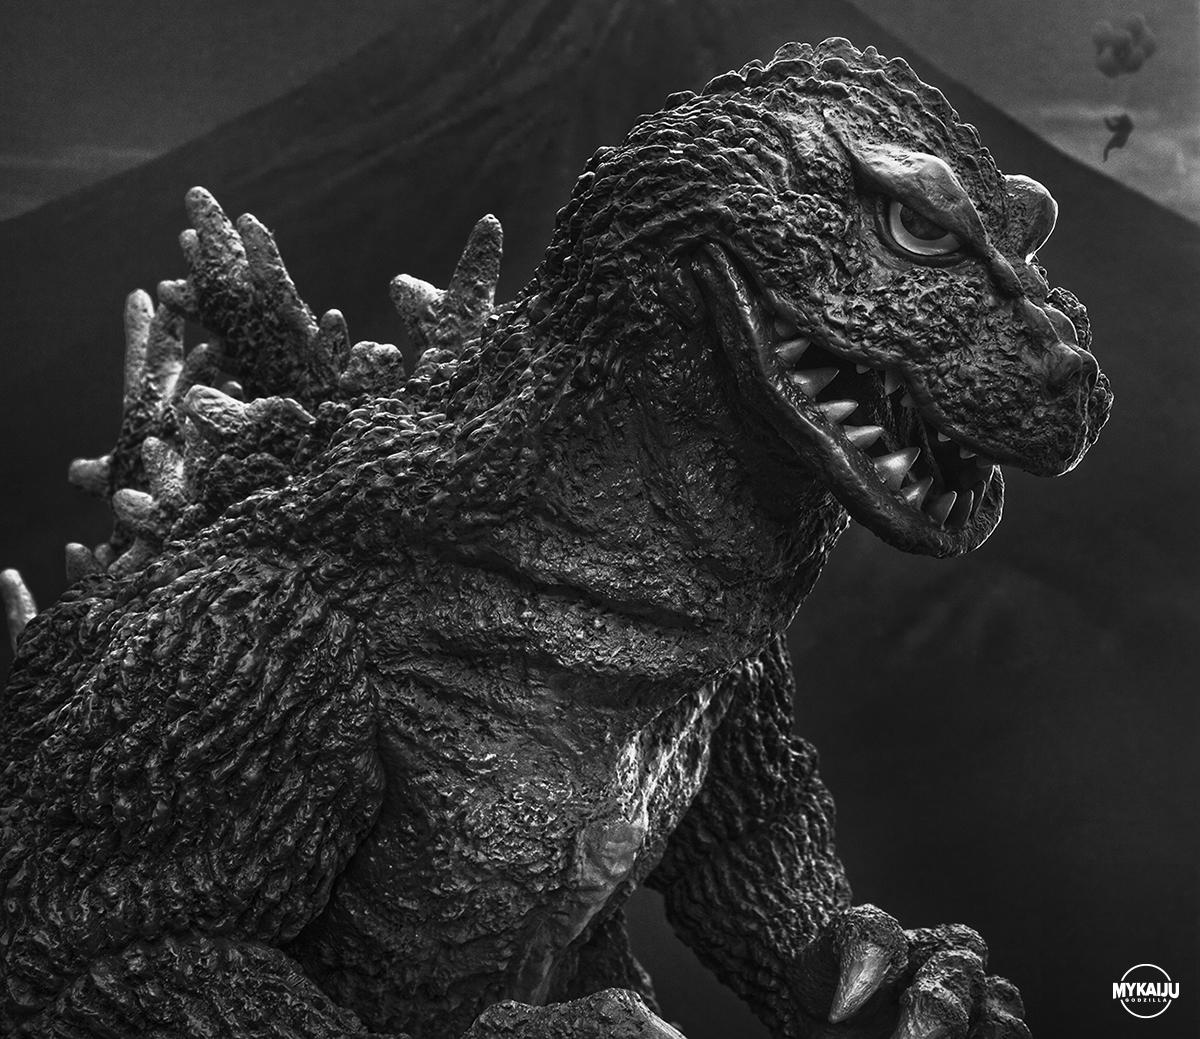 Godzilla 1962 (X-Plus Gigantic Godzilla 1962)